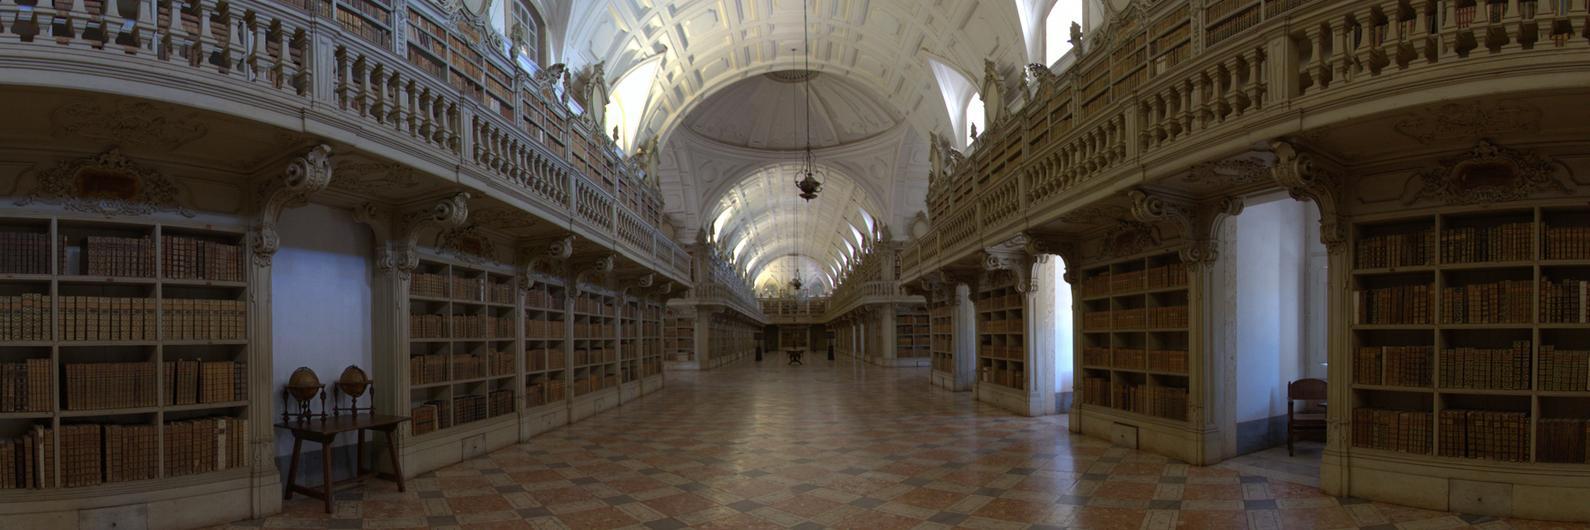 Uma das bibliotecas mais bonitas do mundo fica em Mafra